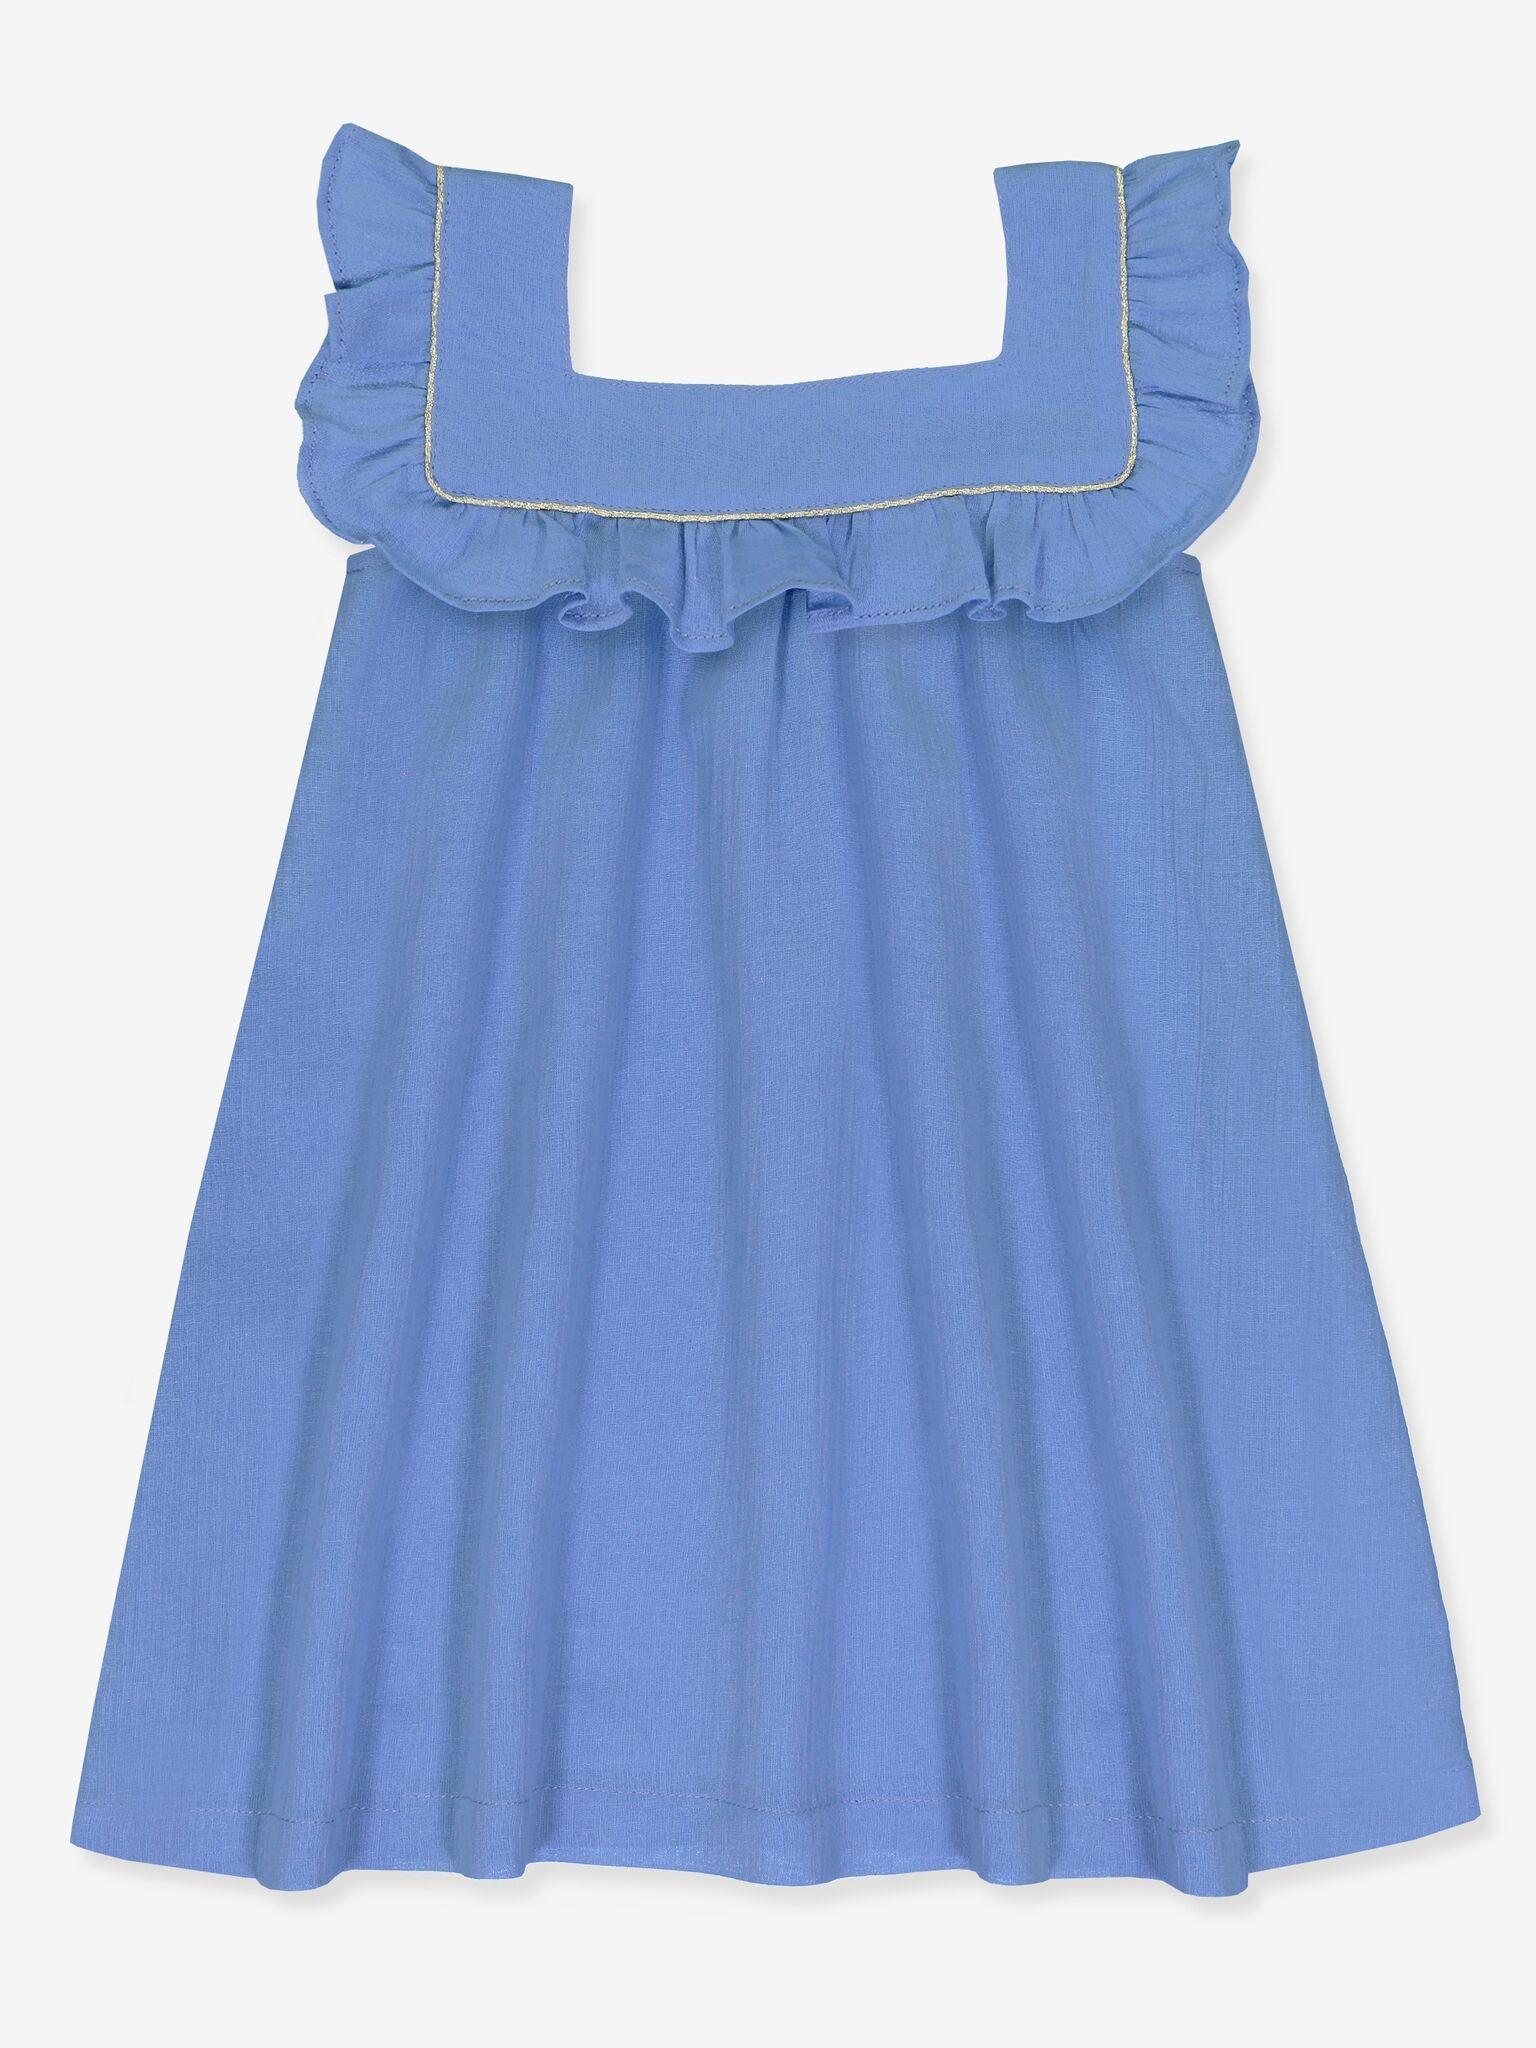 Petite Lucette Venice Dress Blue